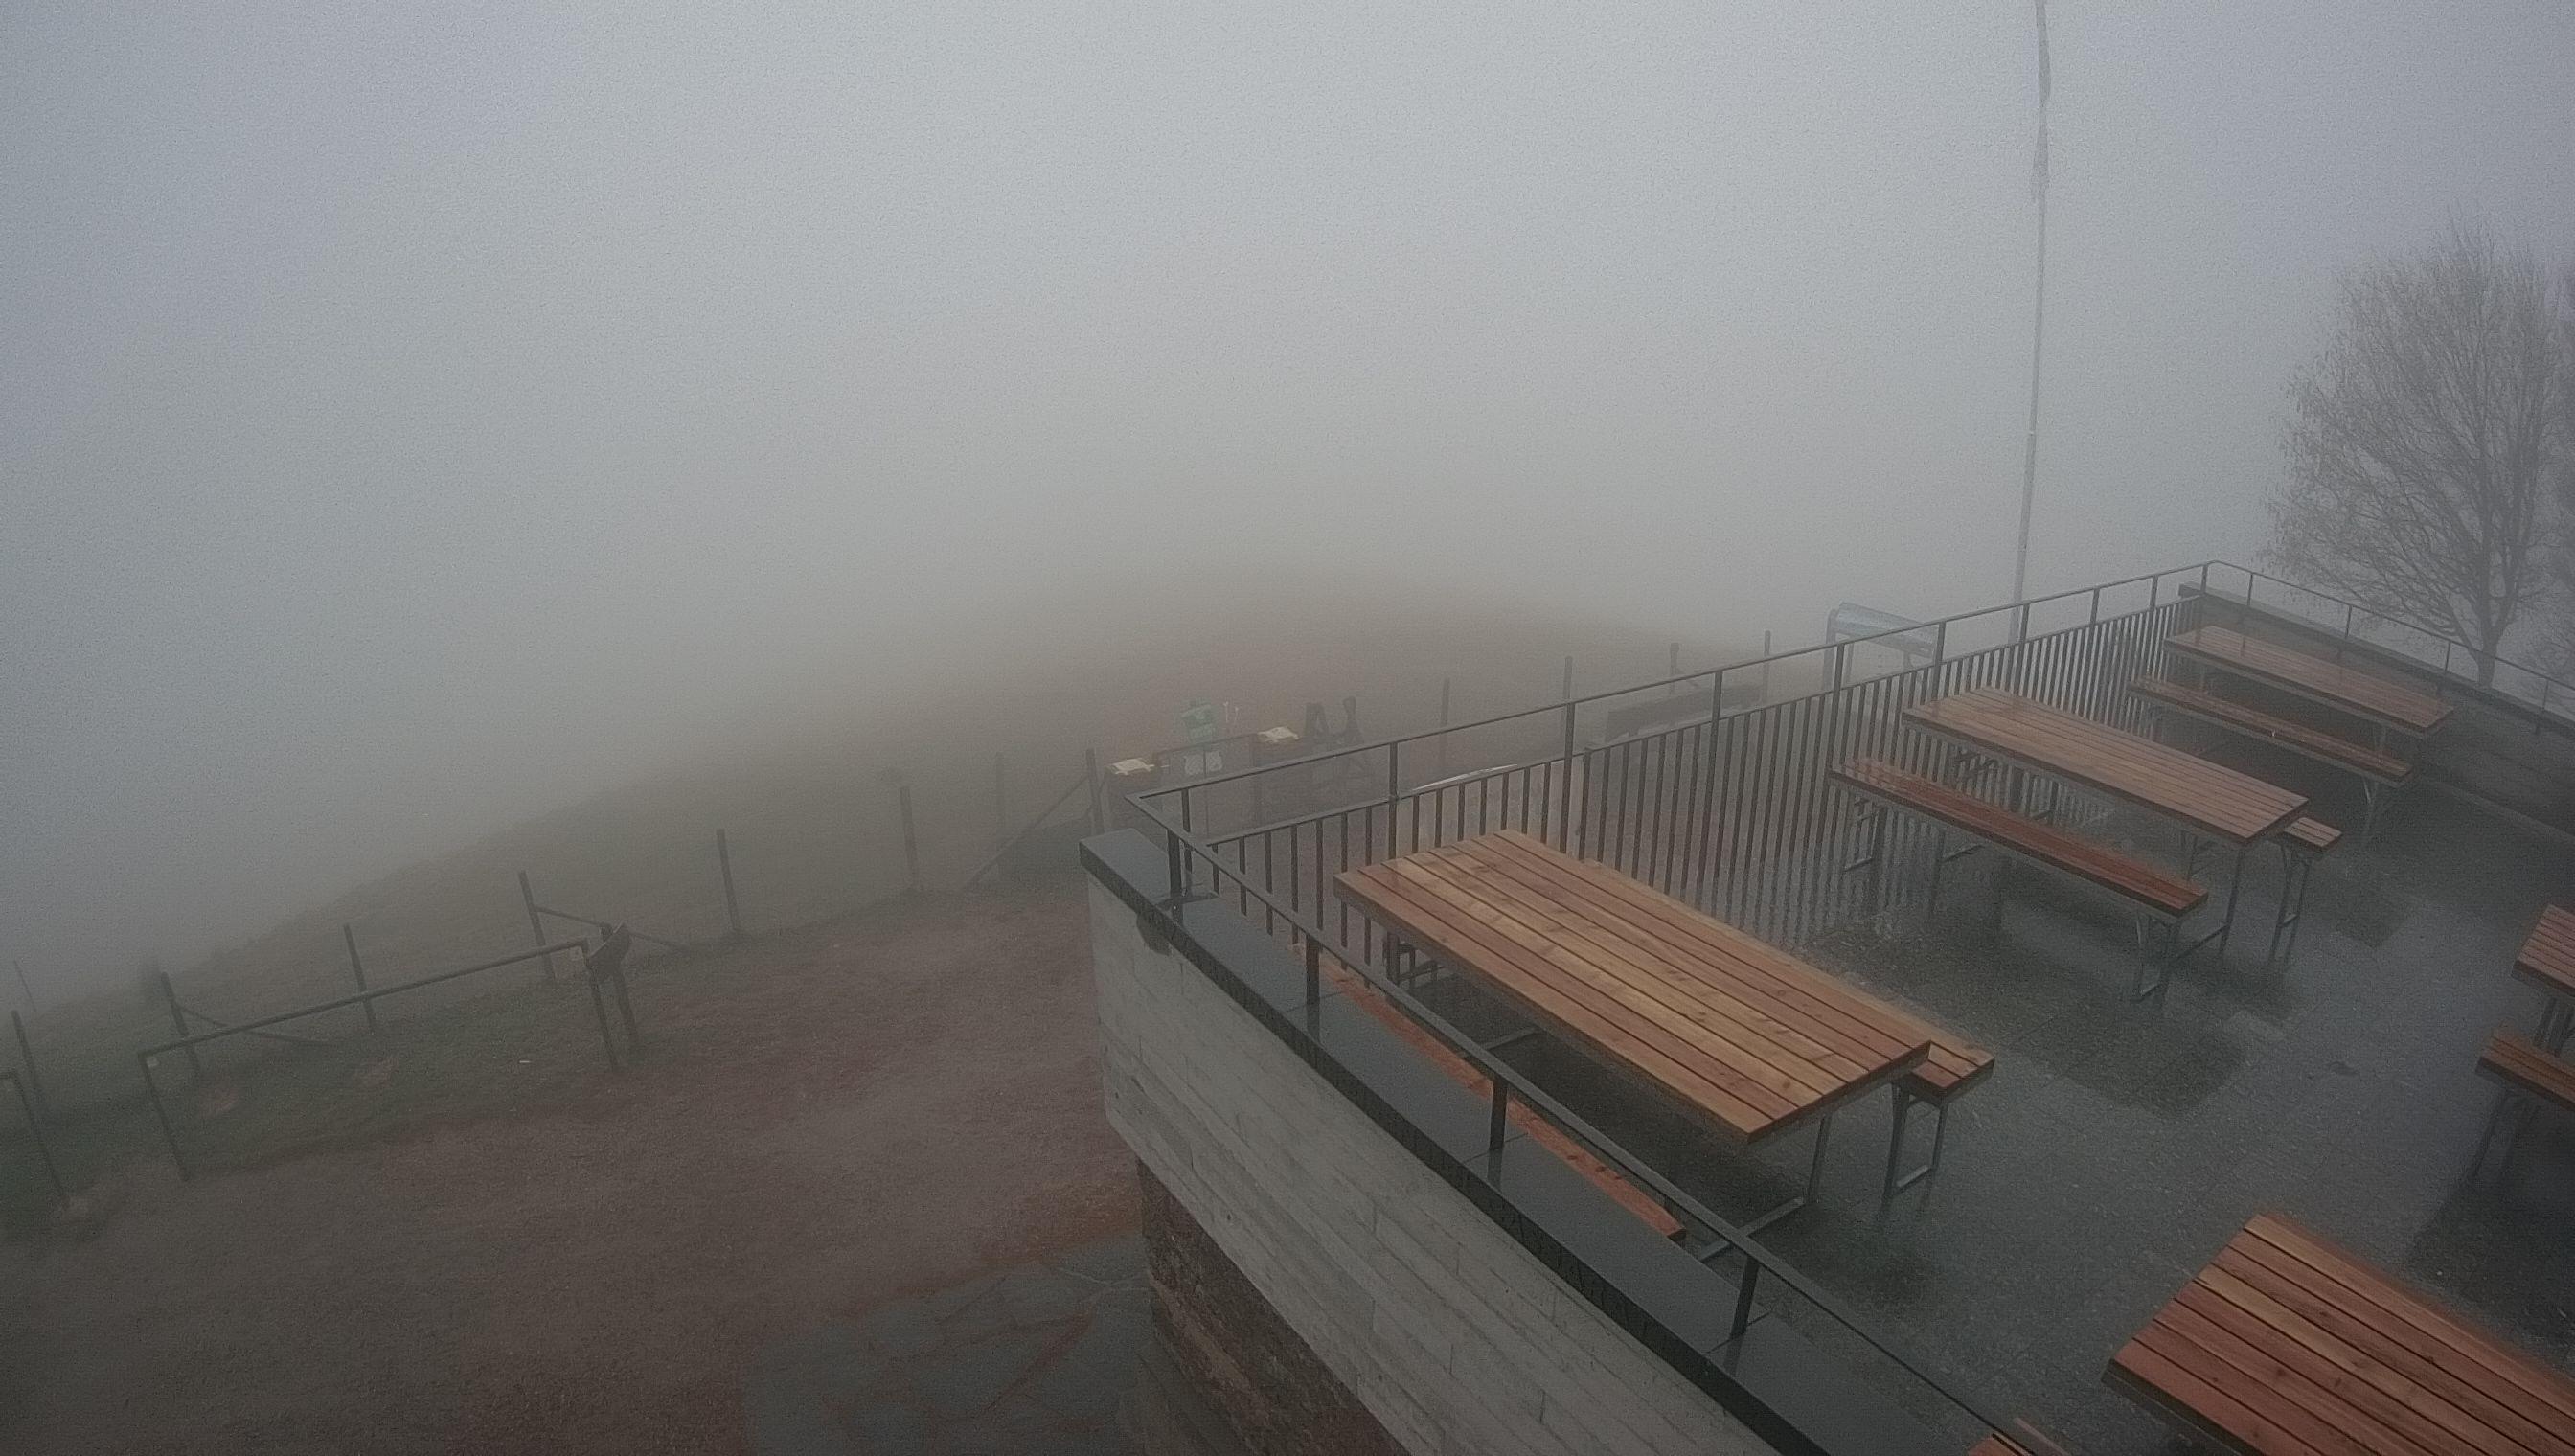 Capriasca › Süd-Ost: Lugano - Monte Rosa